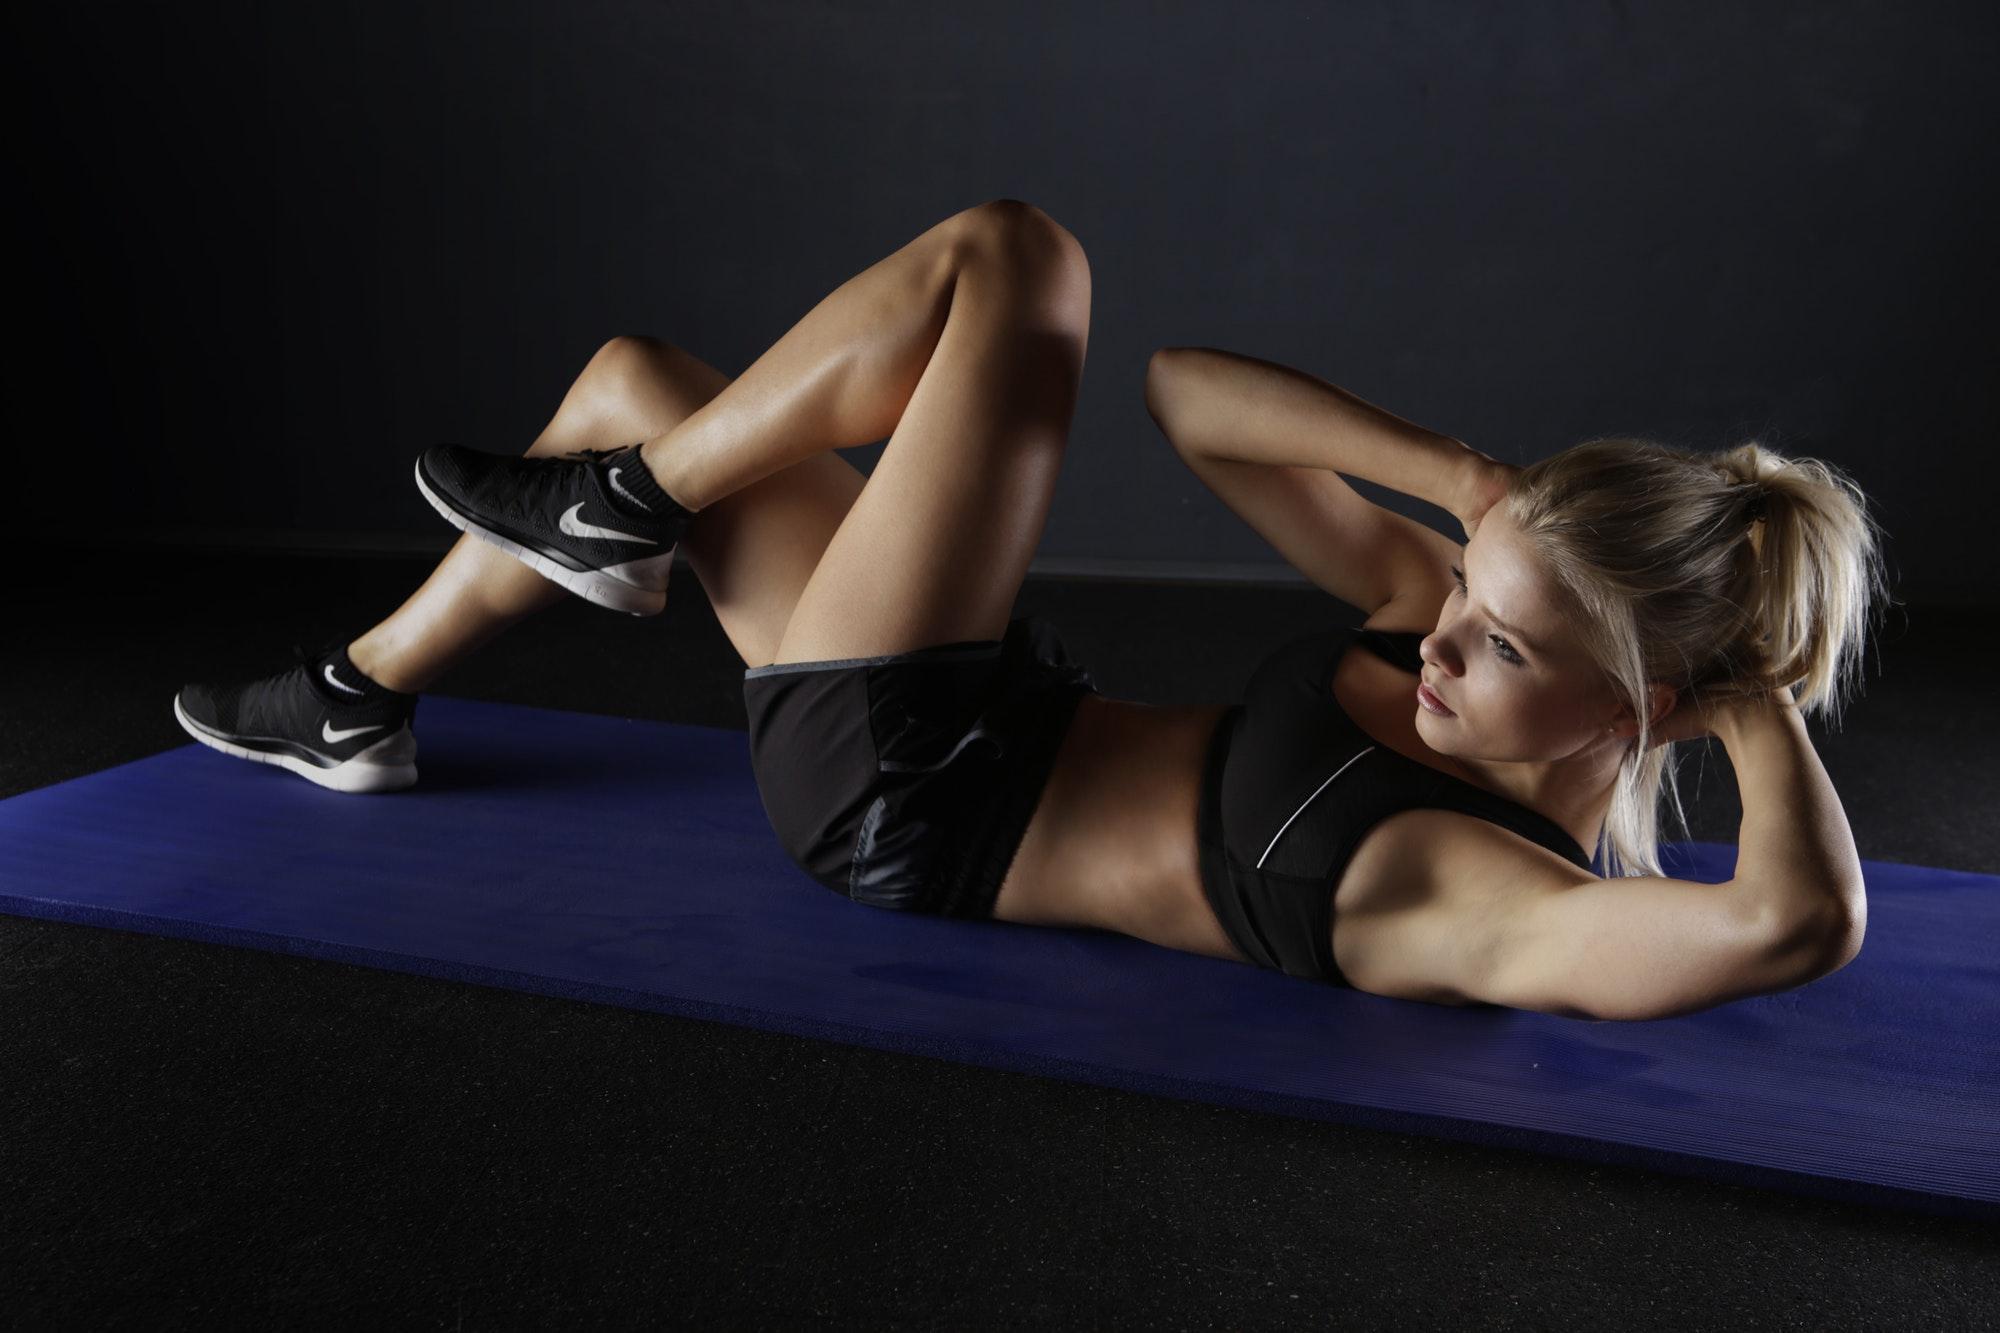 spor yapan kadın, pilates nasıl yapılır